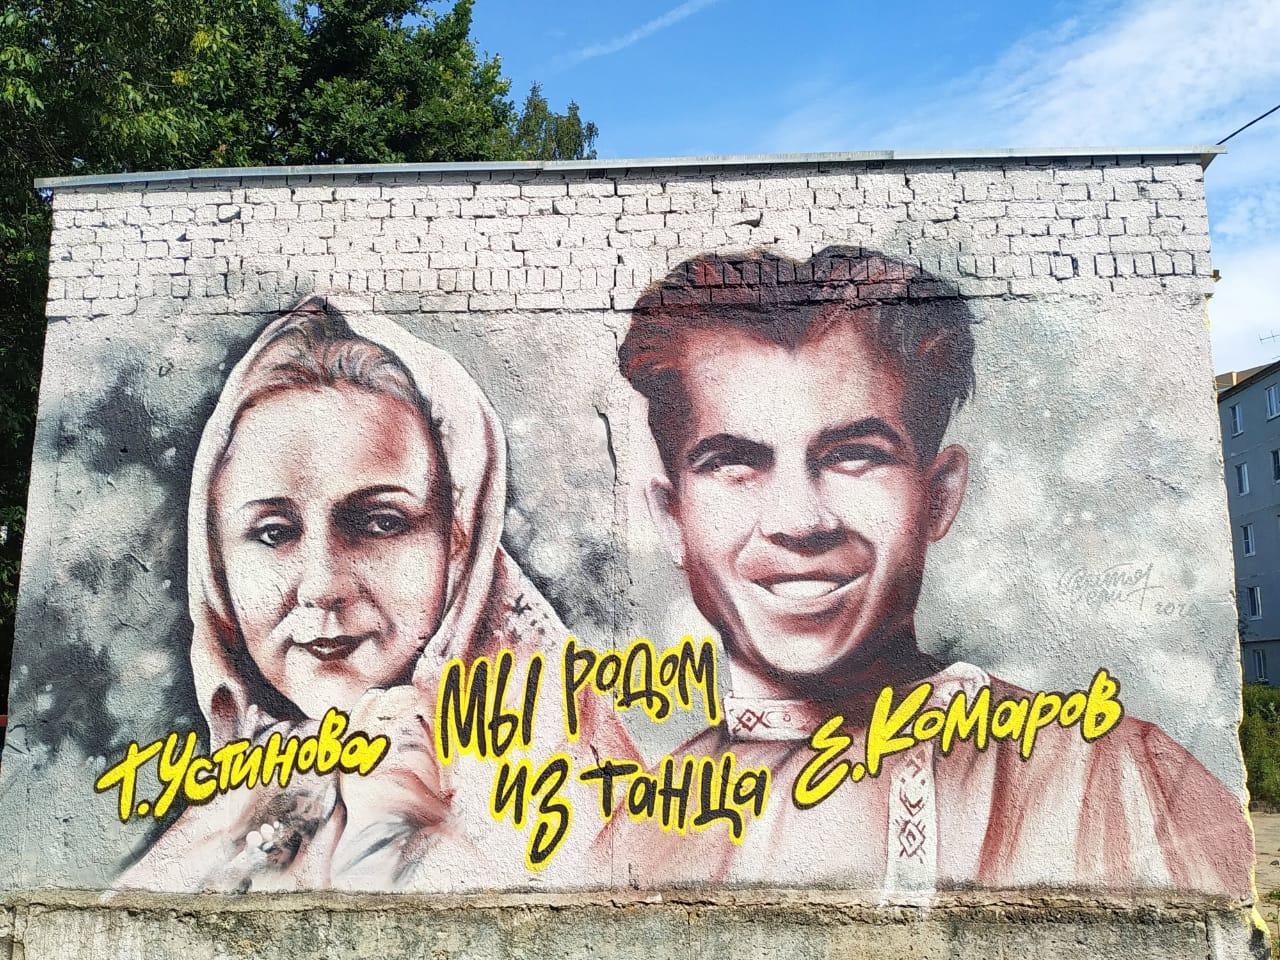 Жителей Тверской области приглашают посмотреть  фильм о известном хореографе Евгении Комарове